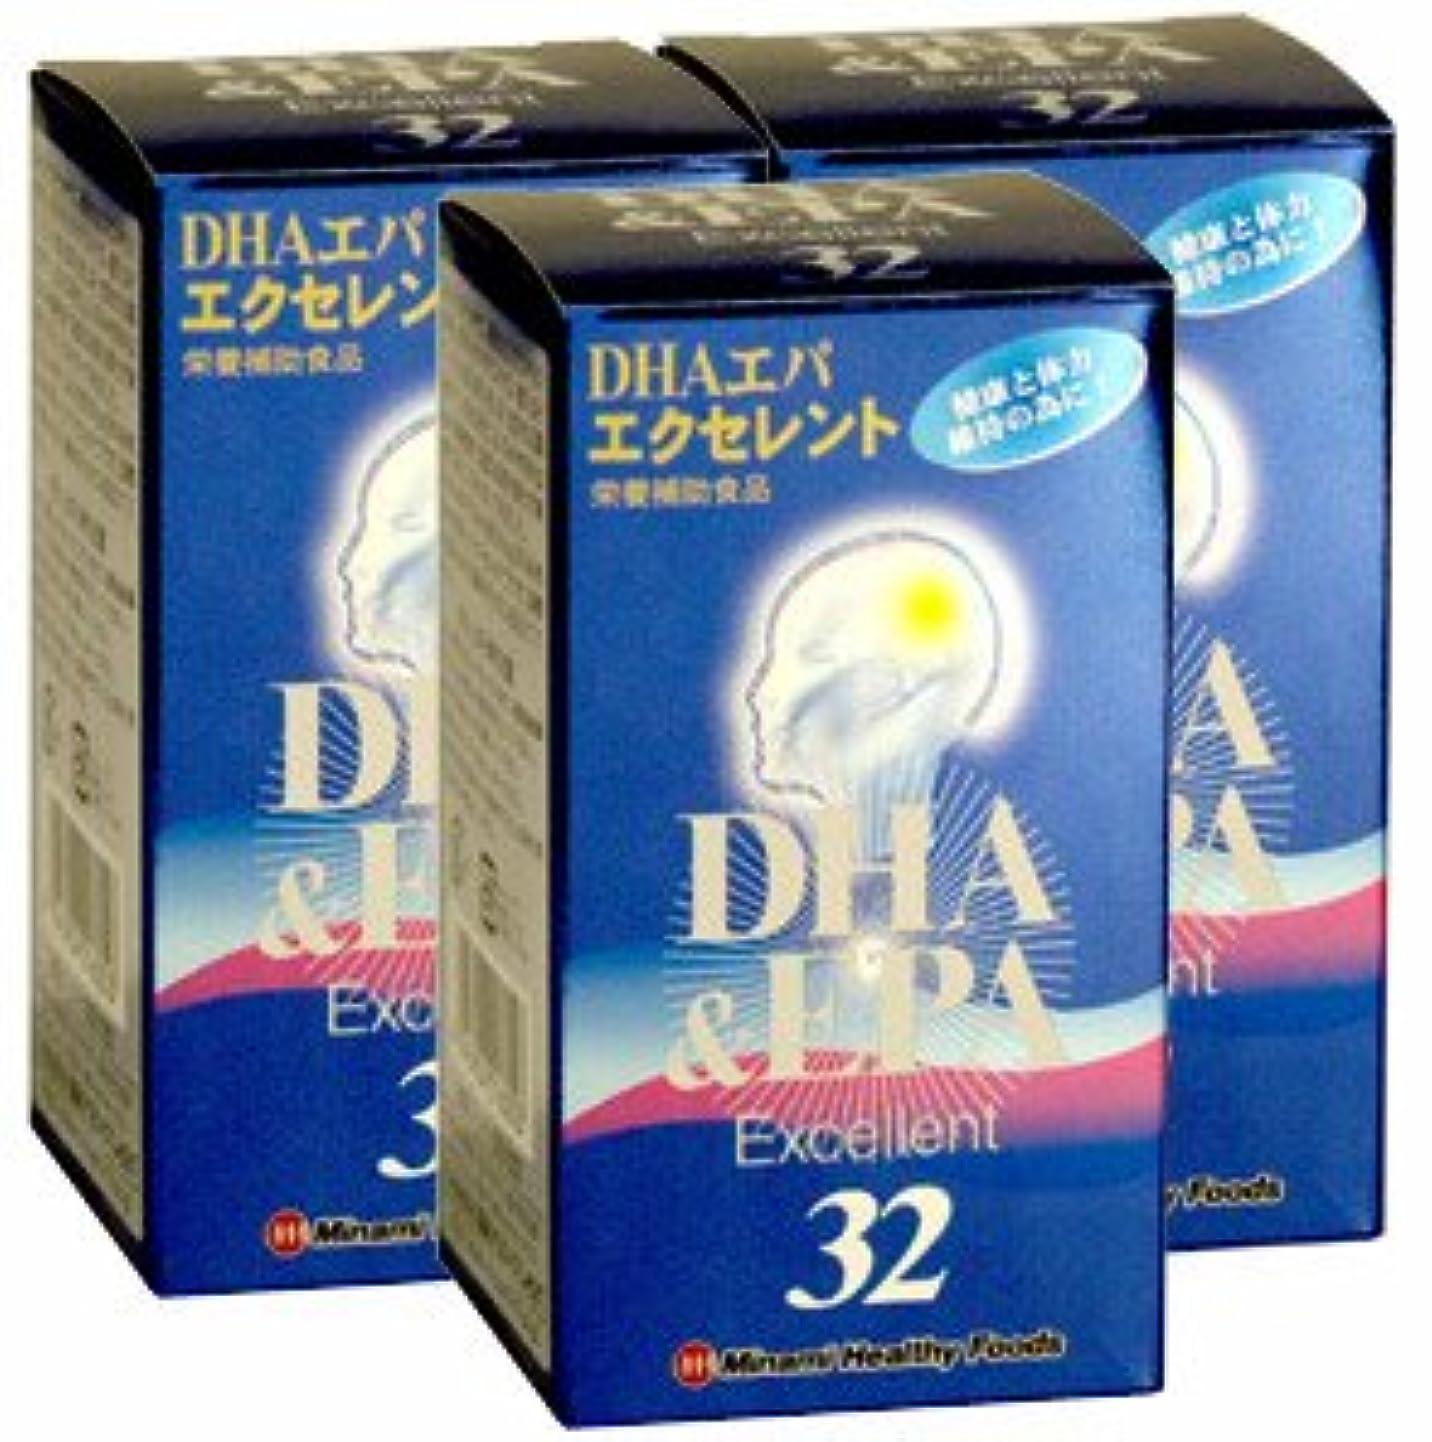 すずめしないでください甘美なDHAエパエクセレント32【3本セット】ミナミヘルシーフーズ